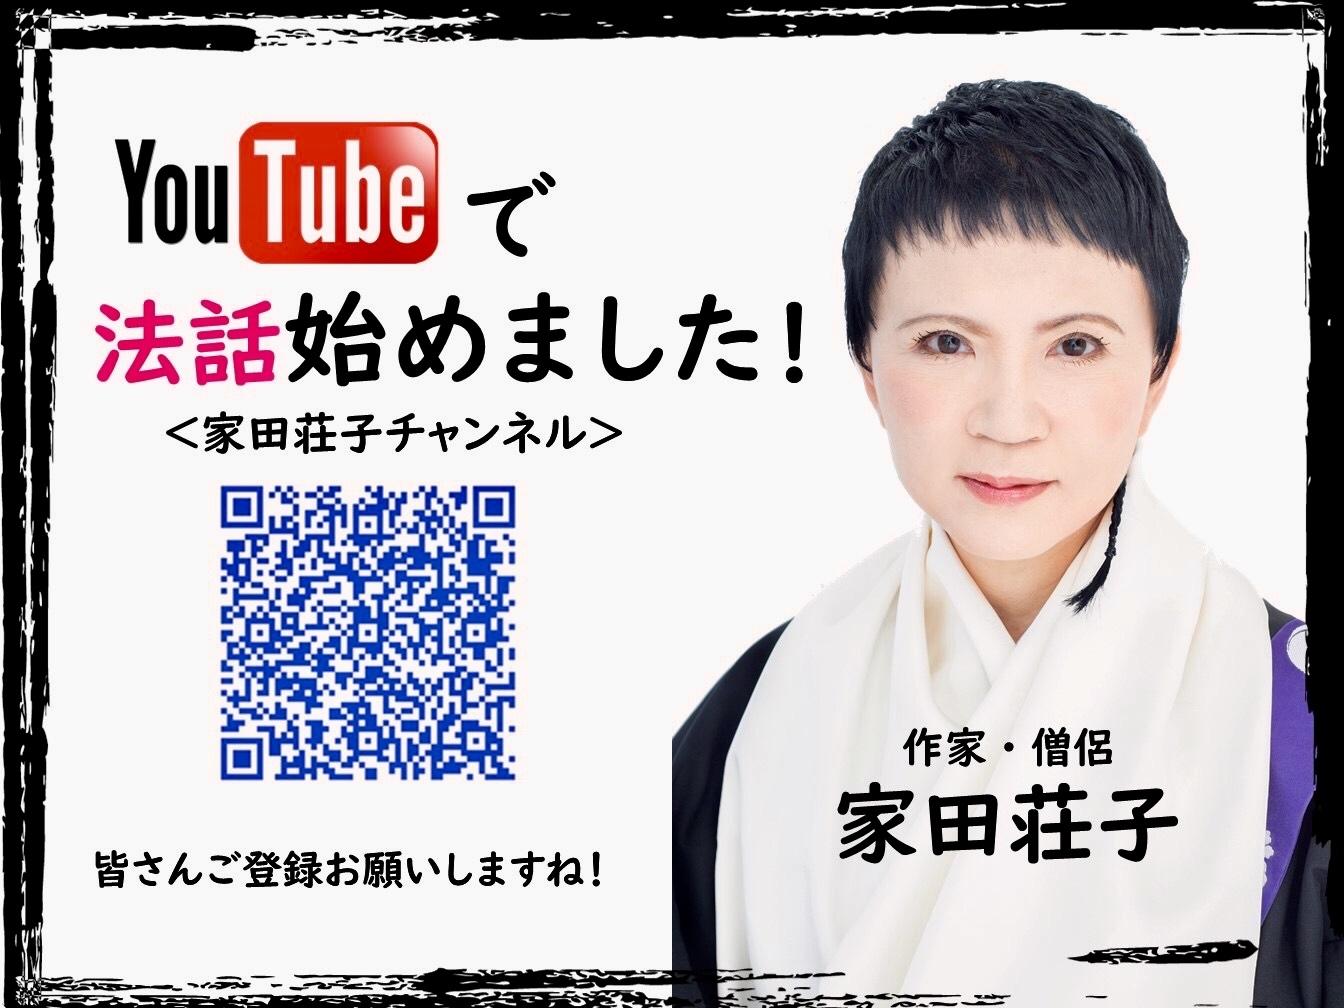 YouTube法話のチャンネルが変わりました_d0339676_21463339.jpg